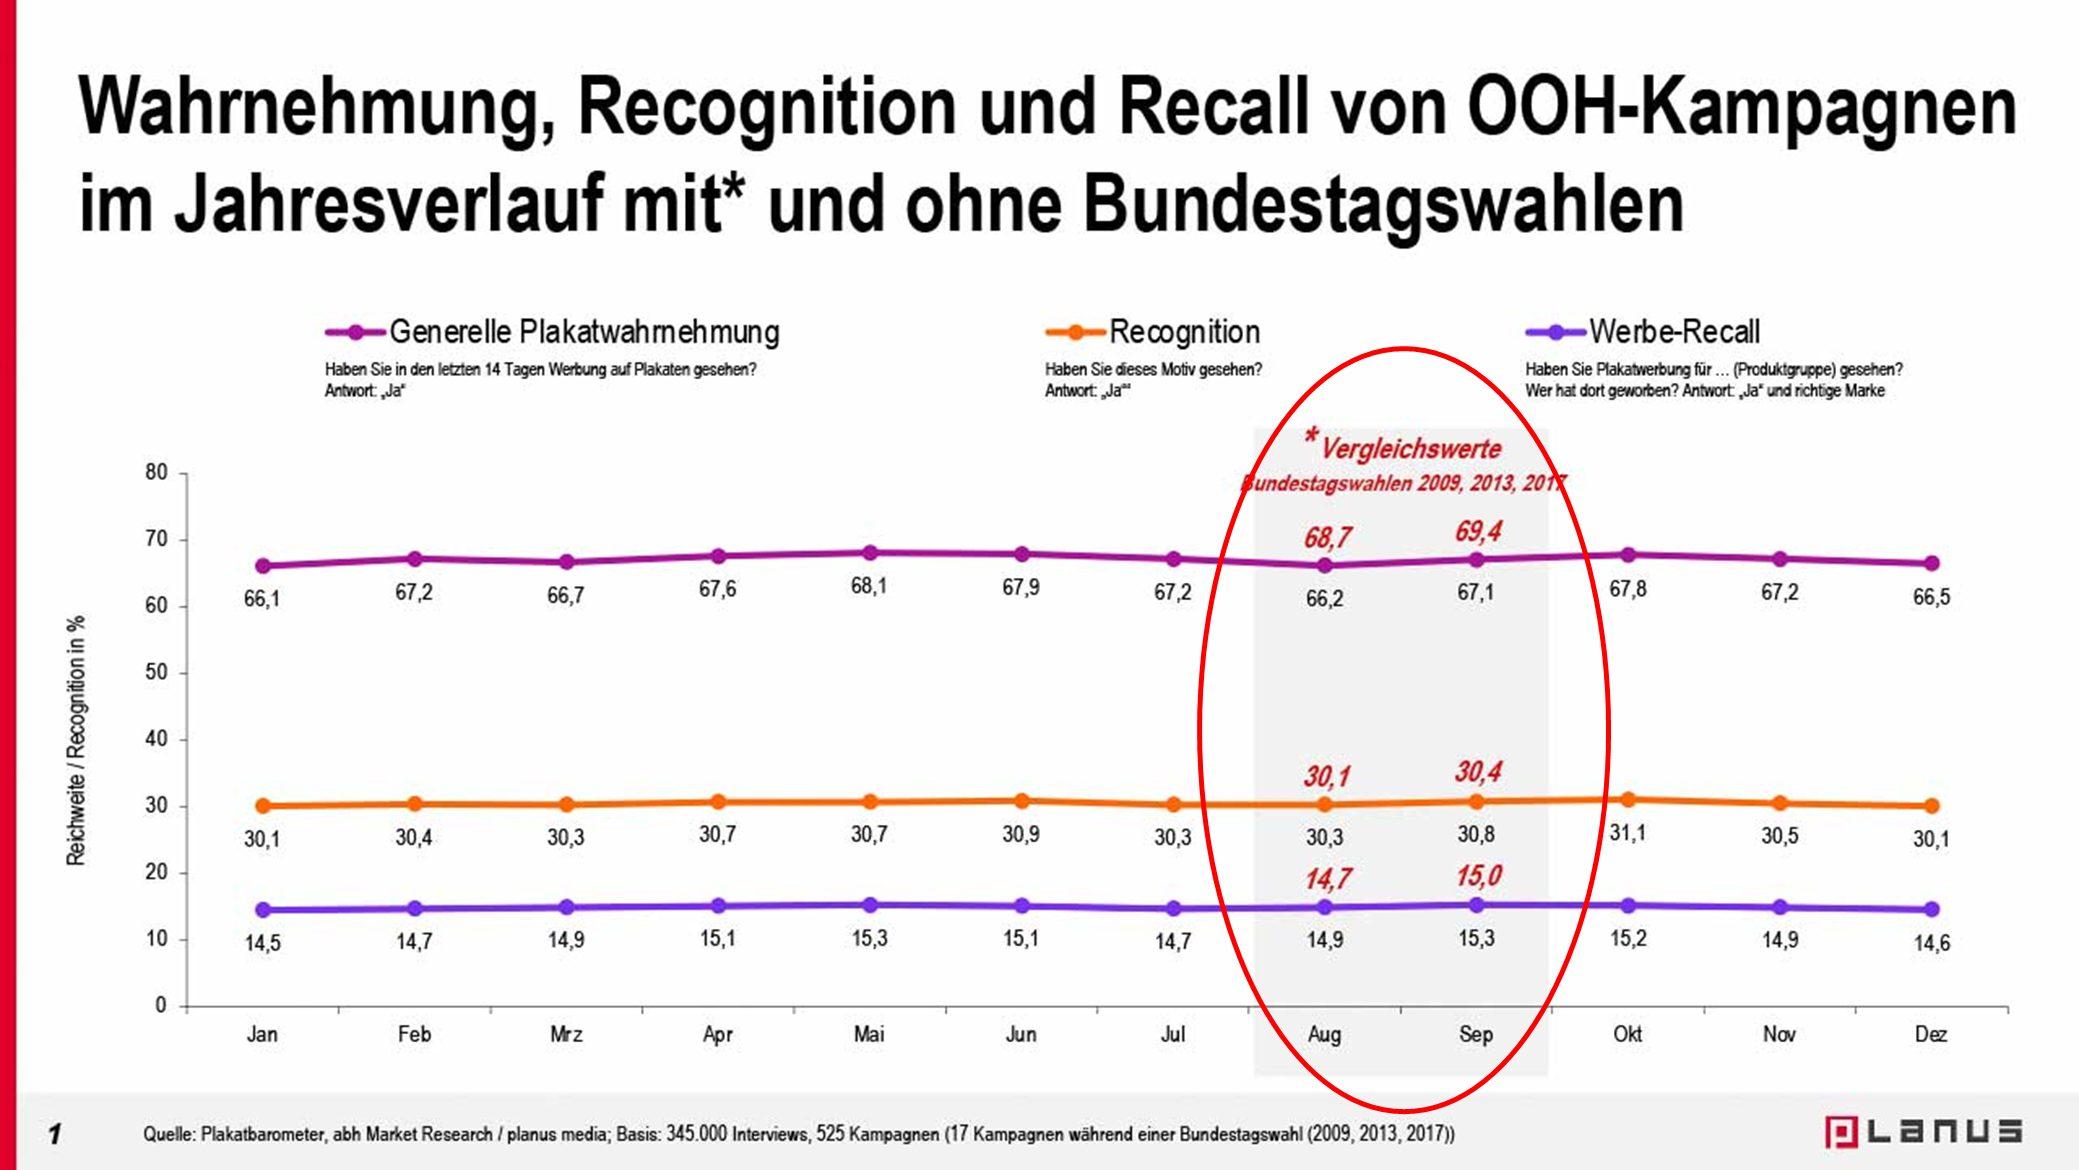 Jahrestabelle Wahrnehmung, Recognition und Recall mit und ohne Bundestagswahlen